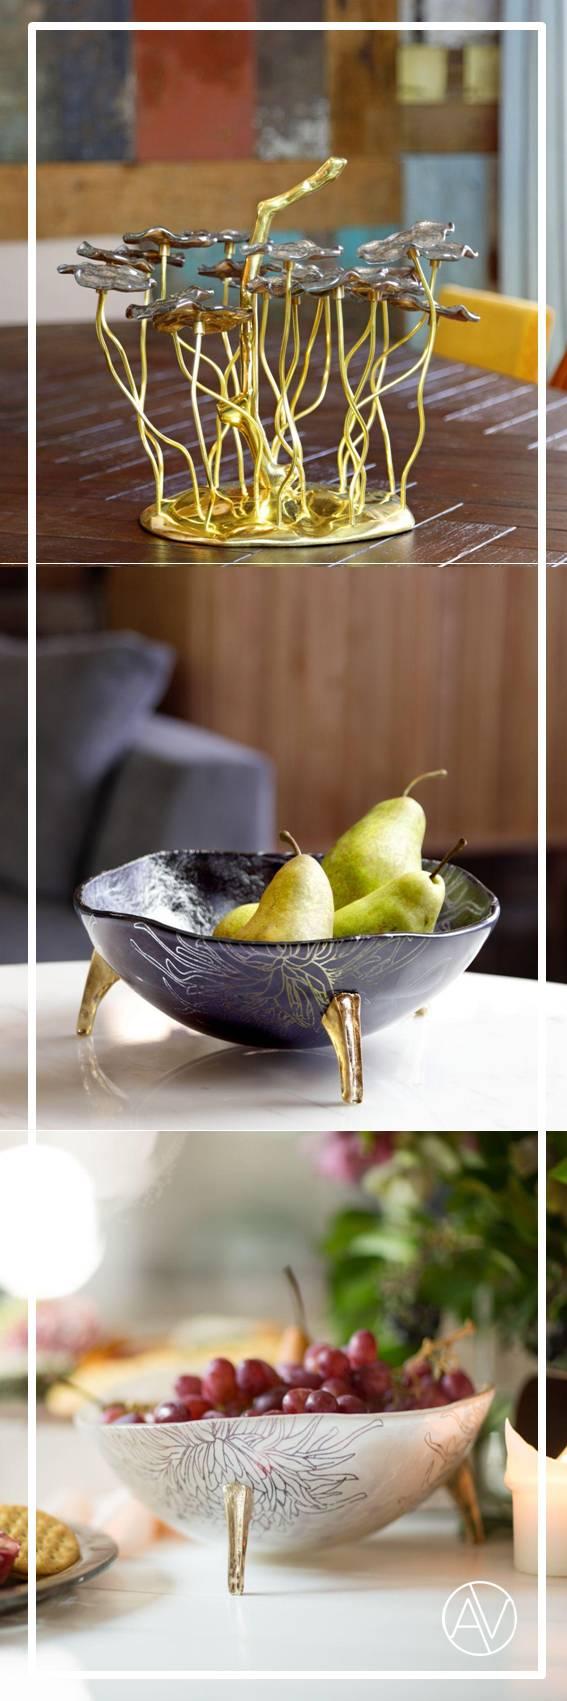 Unique fruit bowl centrepieces Discover handmade fruit bowls for a